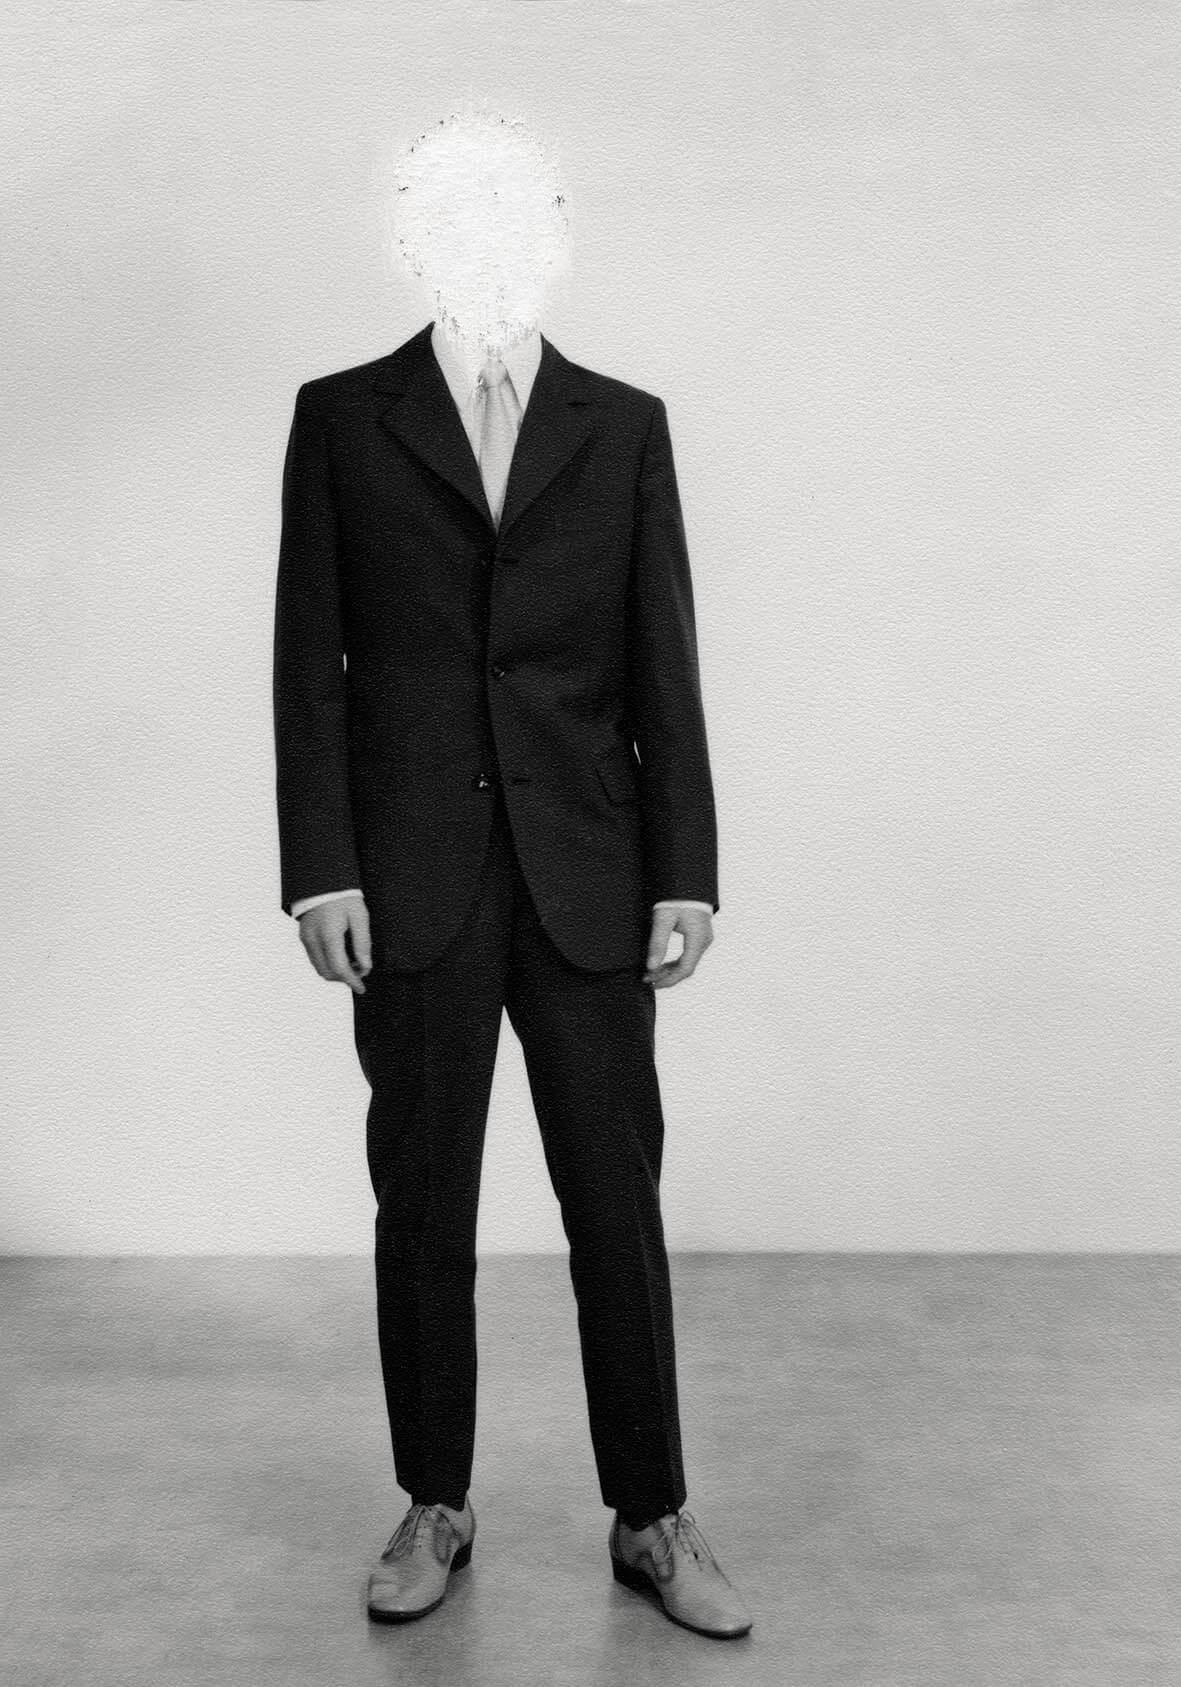 Men in Suit 17, 2018-2020